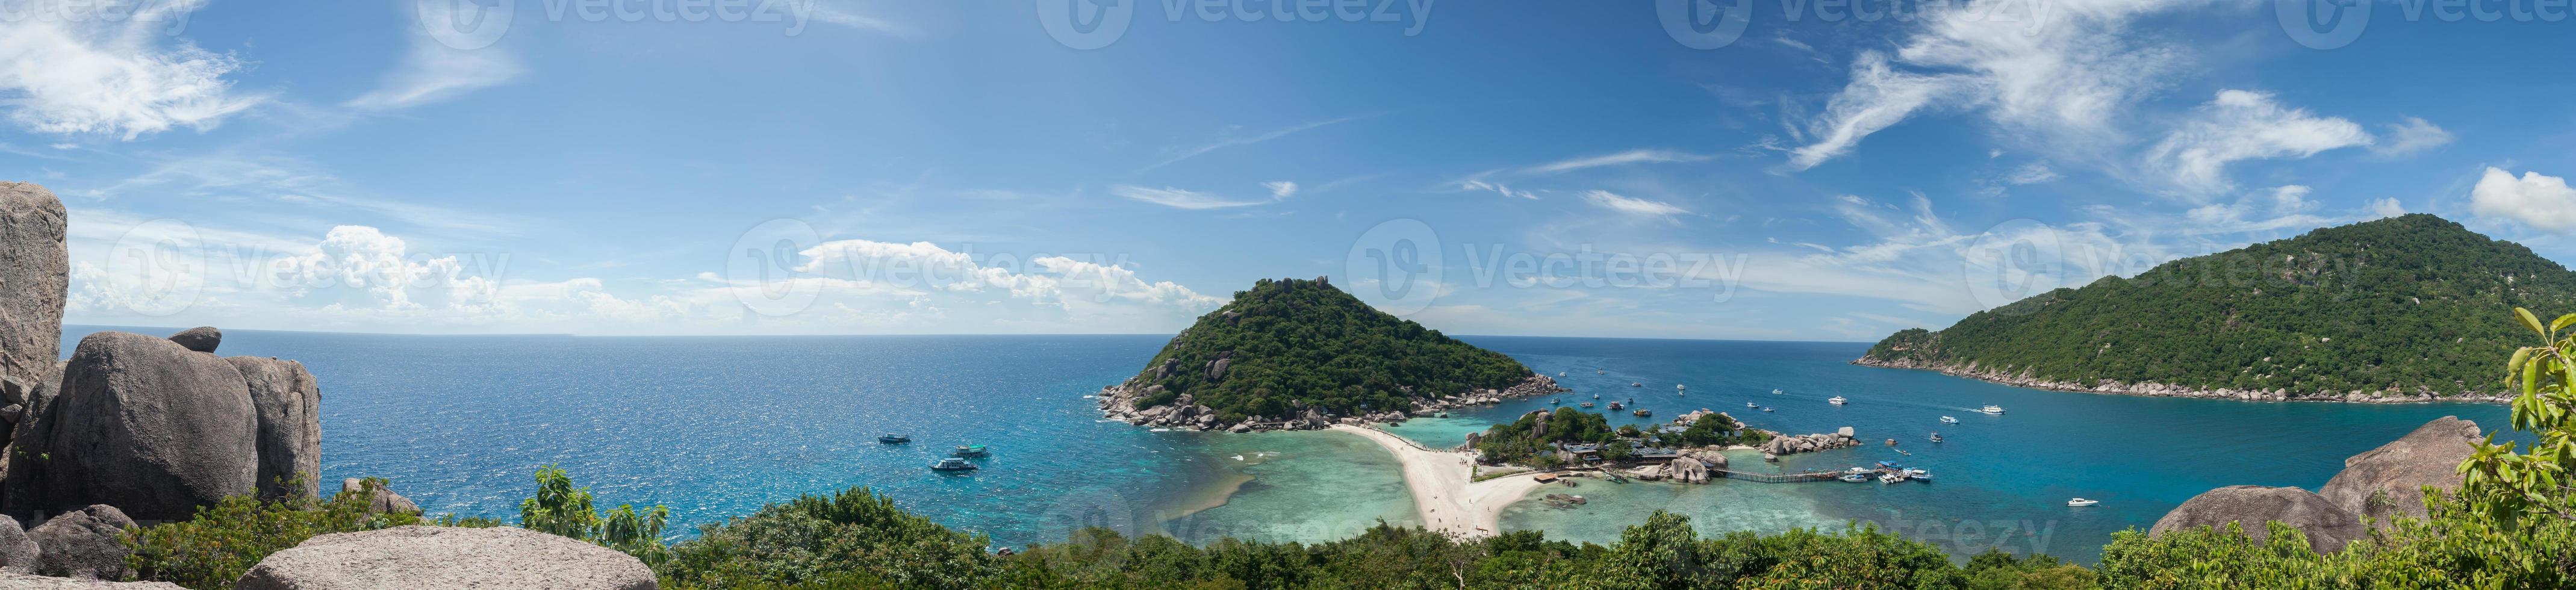 panorama van een strand foto